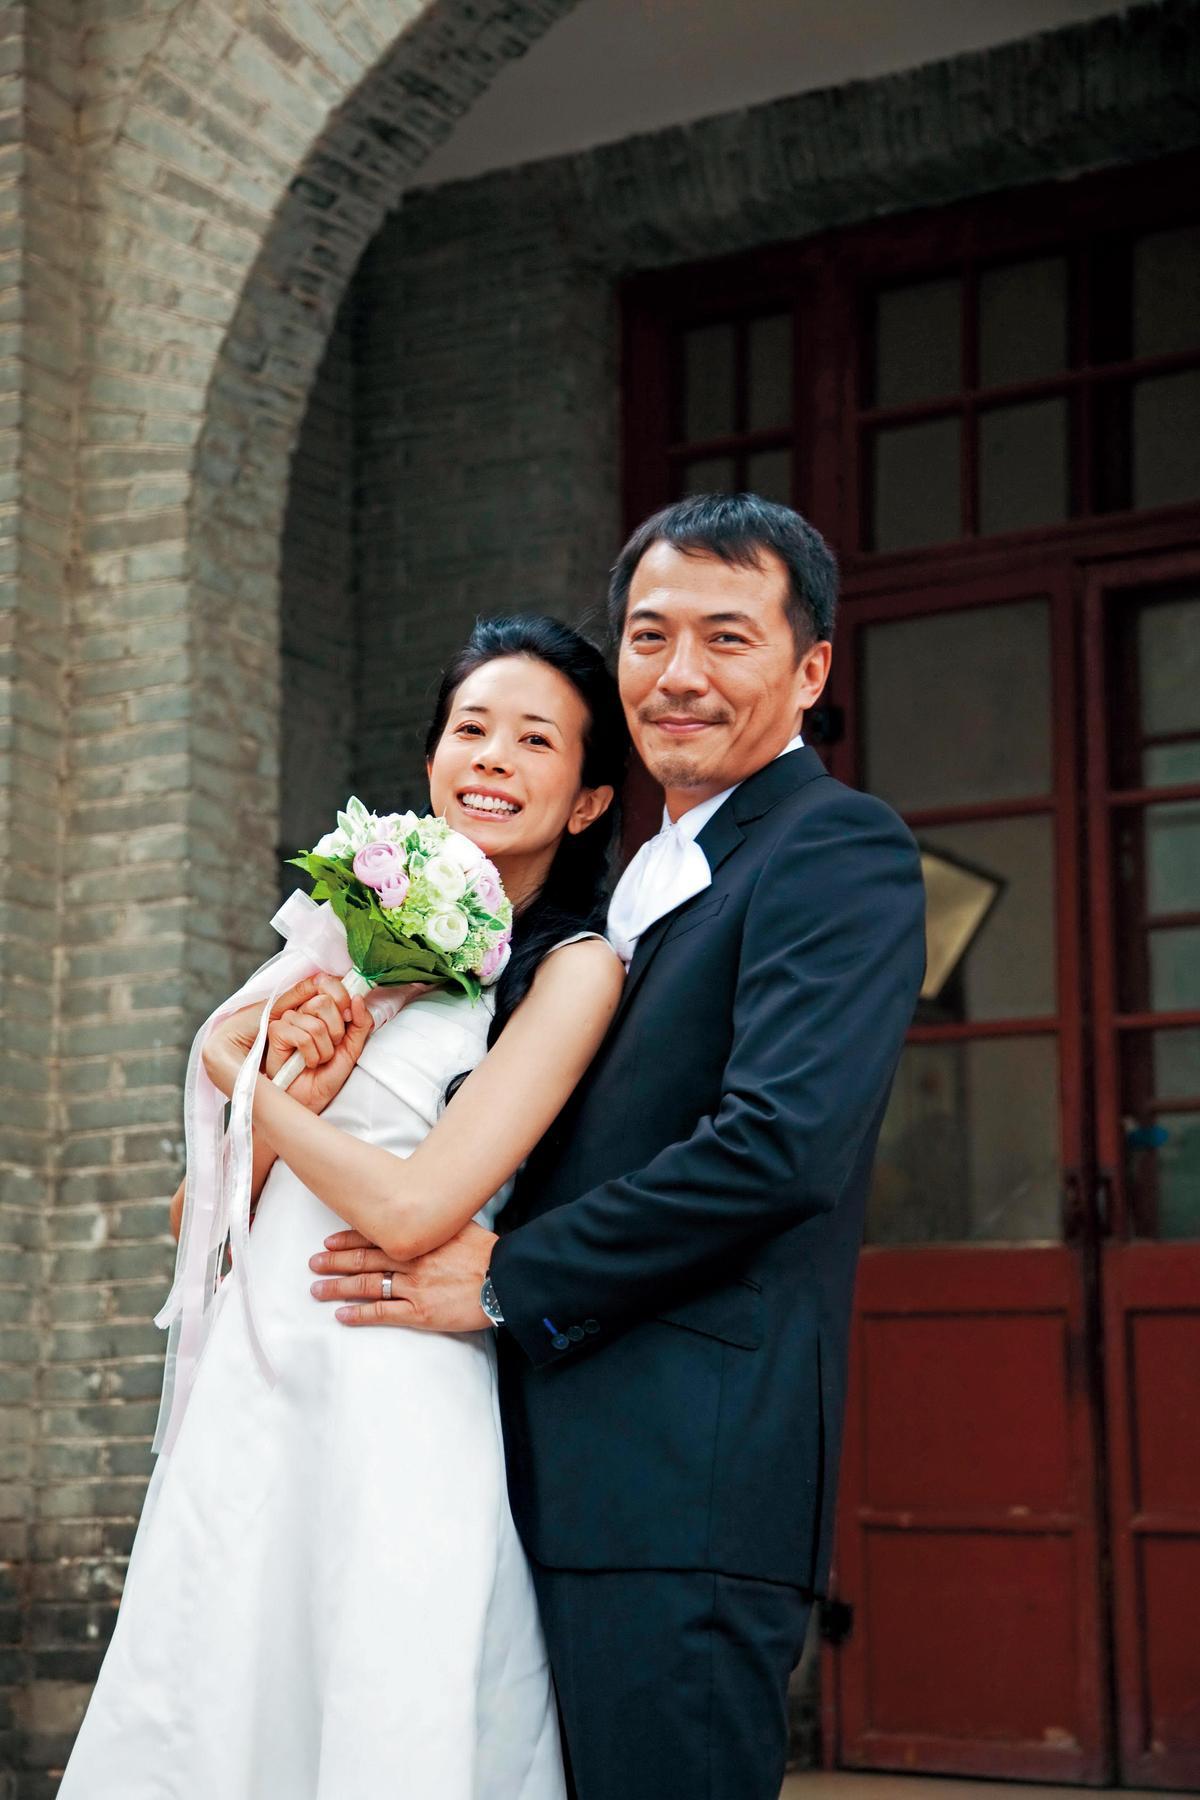 戴立忍在2010年演出的《萬有引力》,與莫文蔚飾演一對遭遇7年之癢的夫妻。(東方IC)